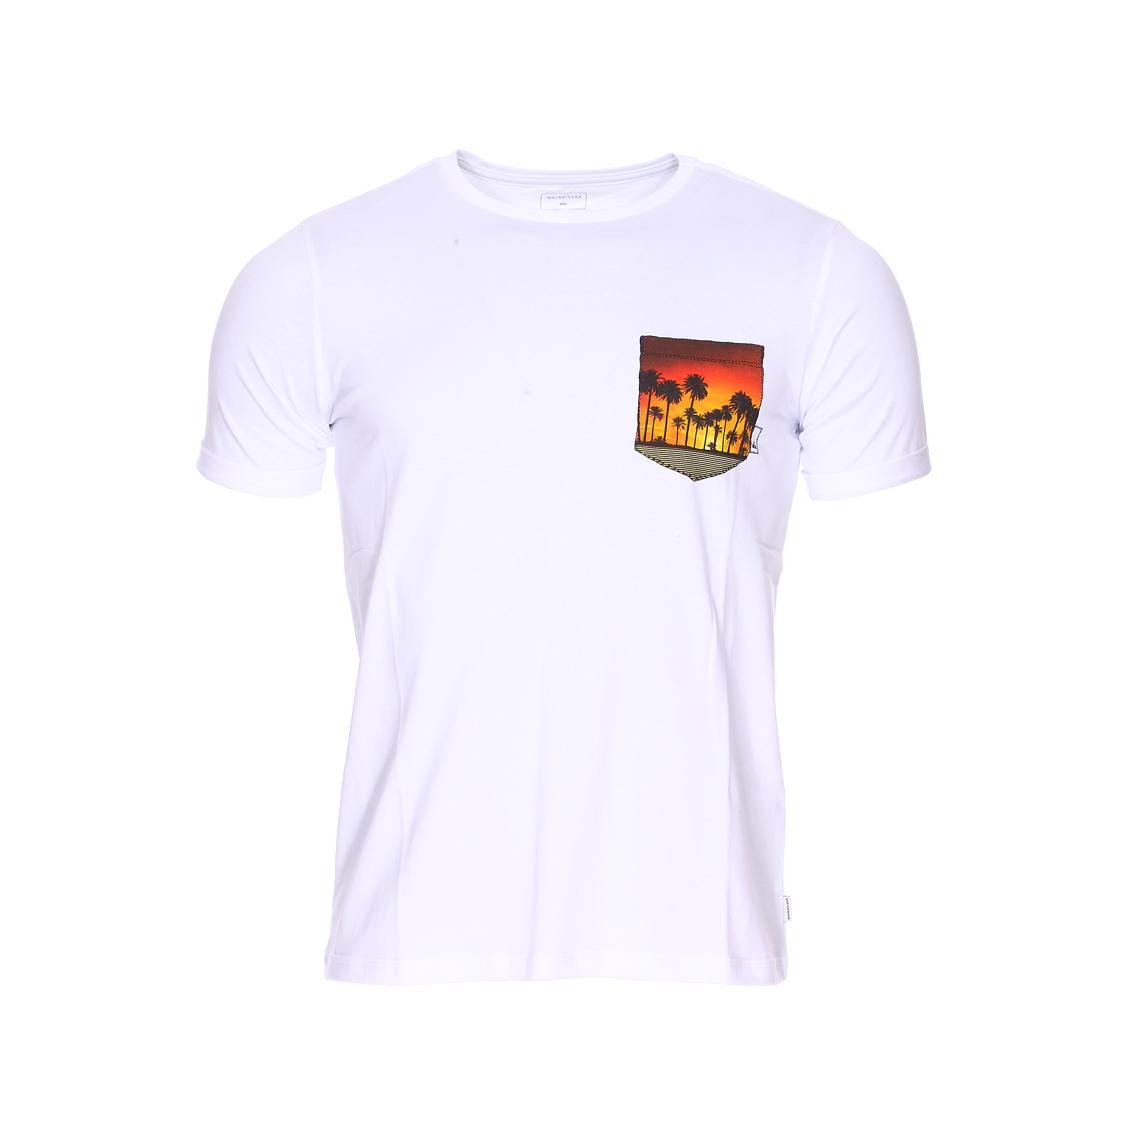 Tee-shirt col rond  classic quadro glide en jersey de coton blanc à fausse poche poitrine